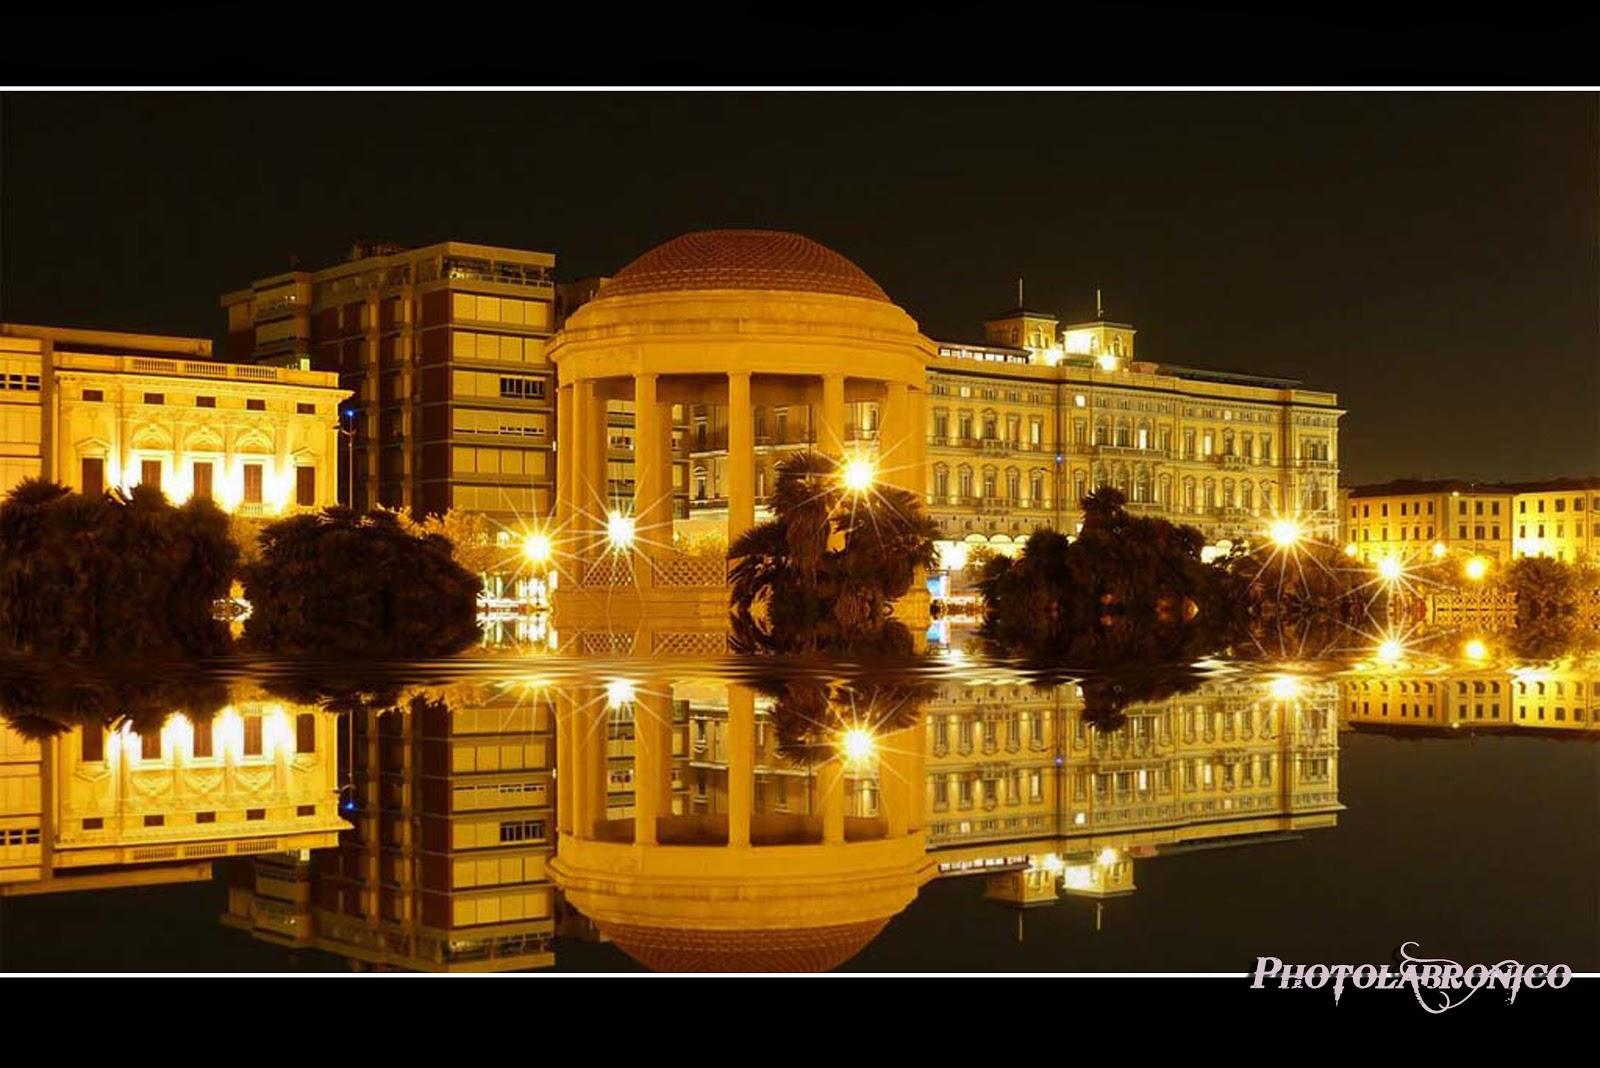 Photolabronico Fotografie del Gazebo a Livorno